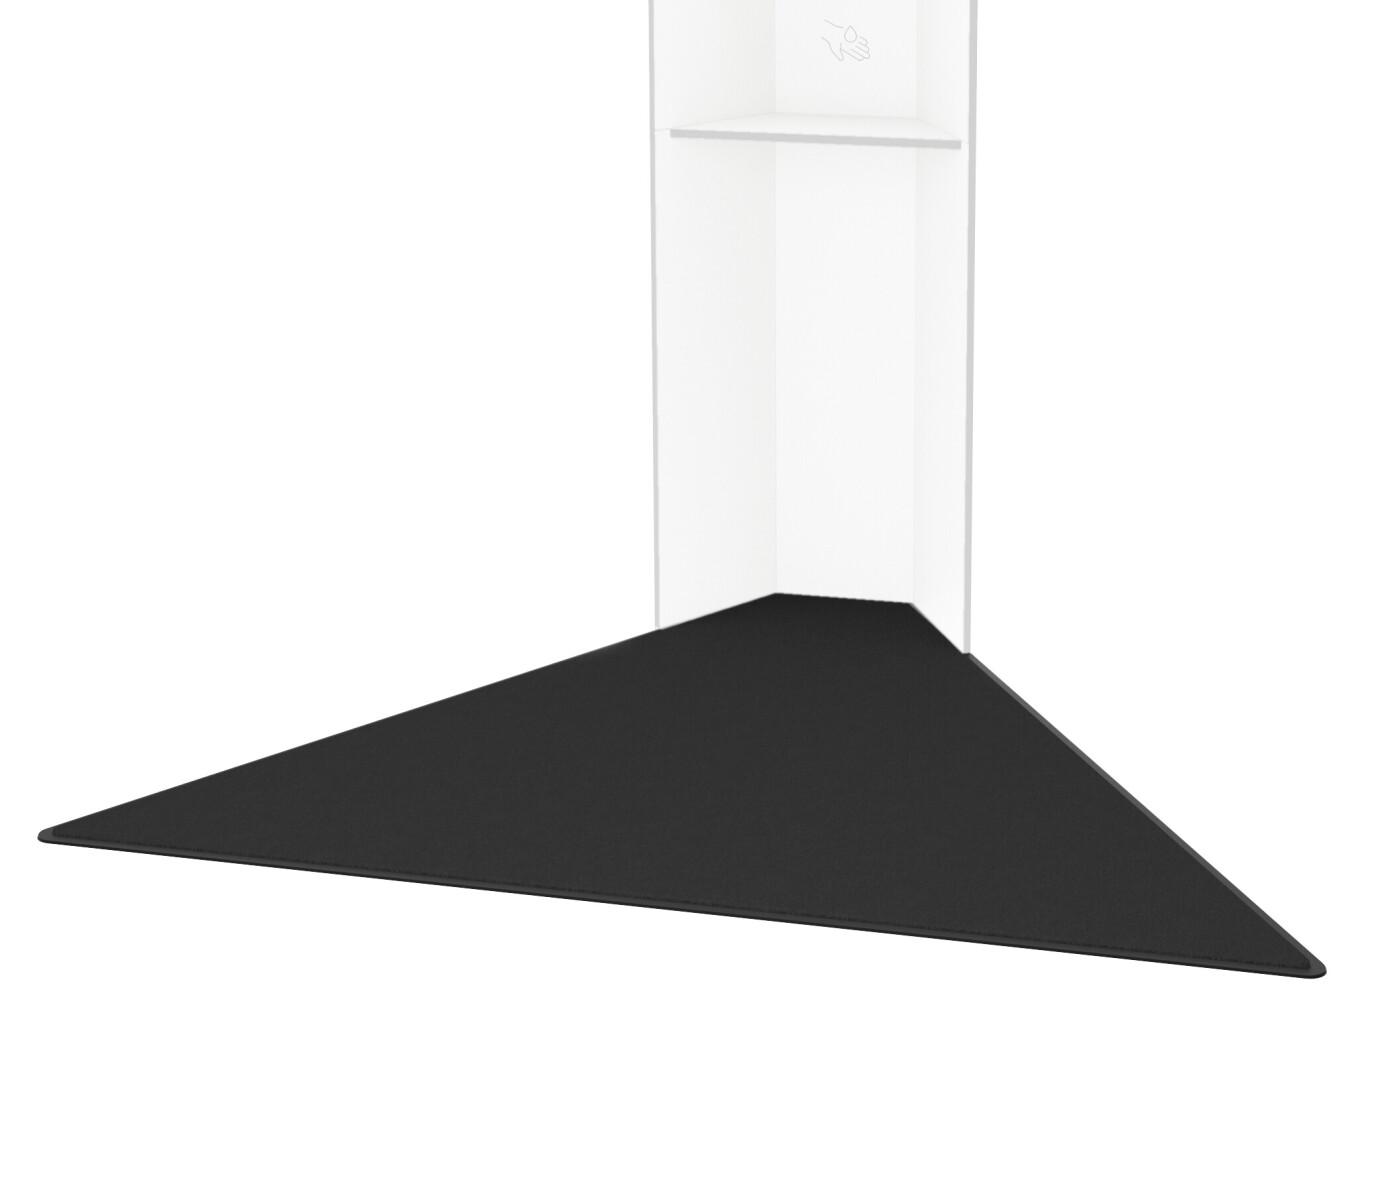 celexon Teppich Safezone für Hygiene Serie